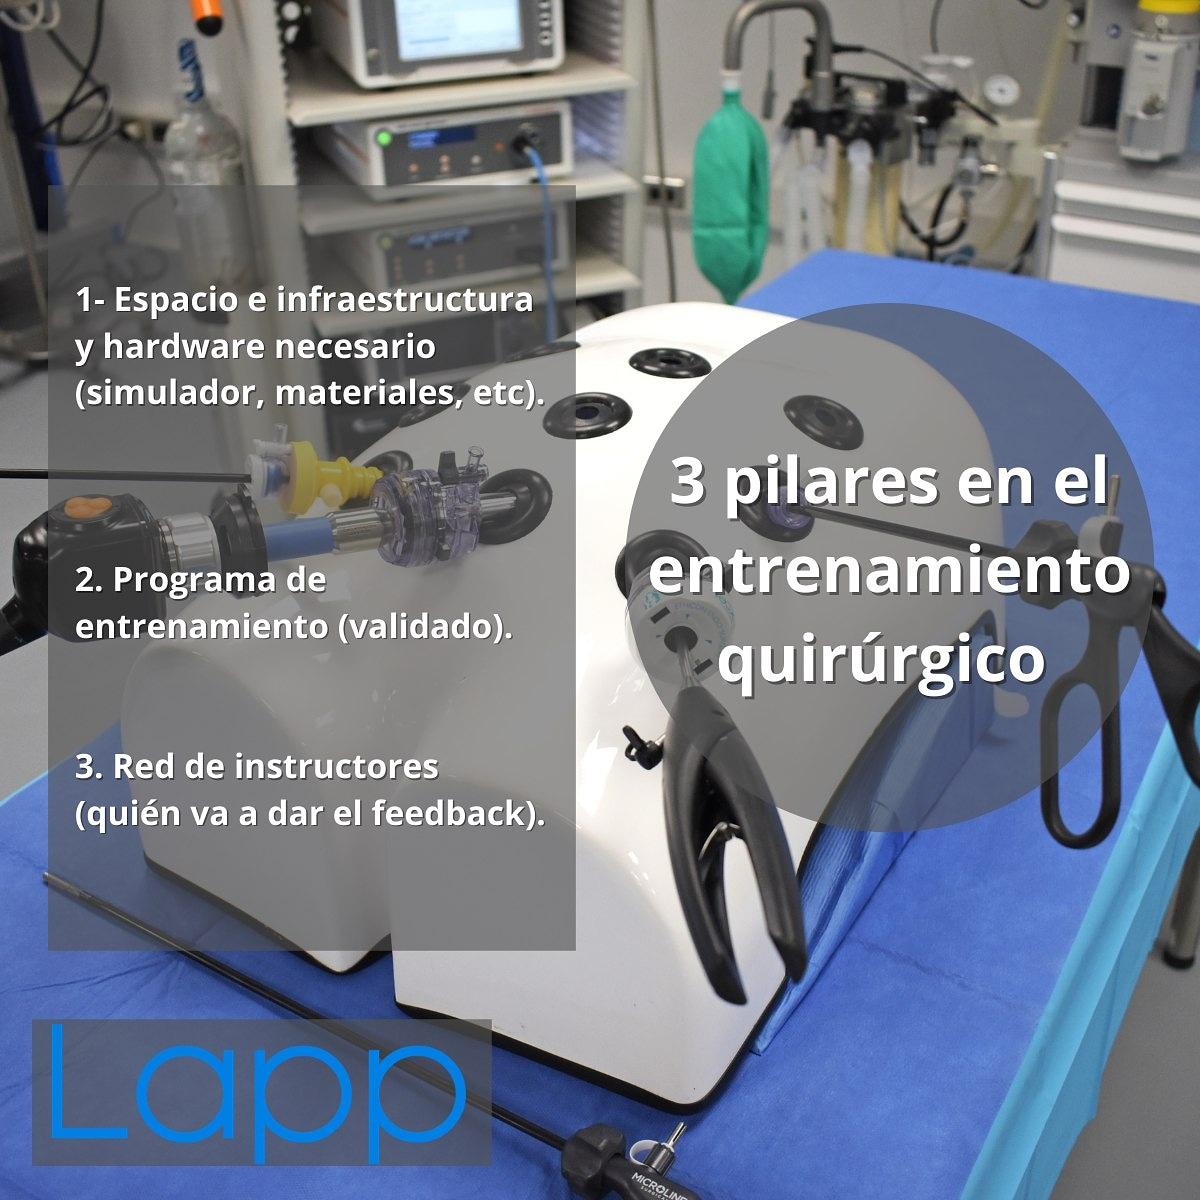 Estos son los tres pilares para lograr un entrenamiento de simulación quirúrgica correcta y completa.  La simulación hace al maestro 🤓💻  #LAPP #Laparoscopia #Entrenamiento #Educación #Cirujano #Cirugia #Chile https://t.co/Pwc90WaA16